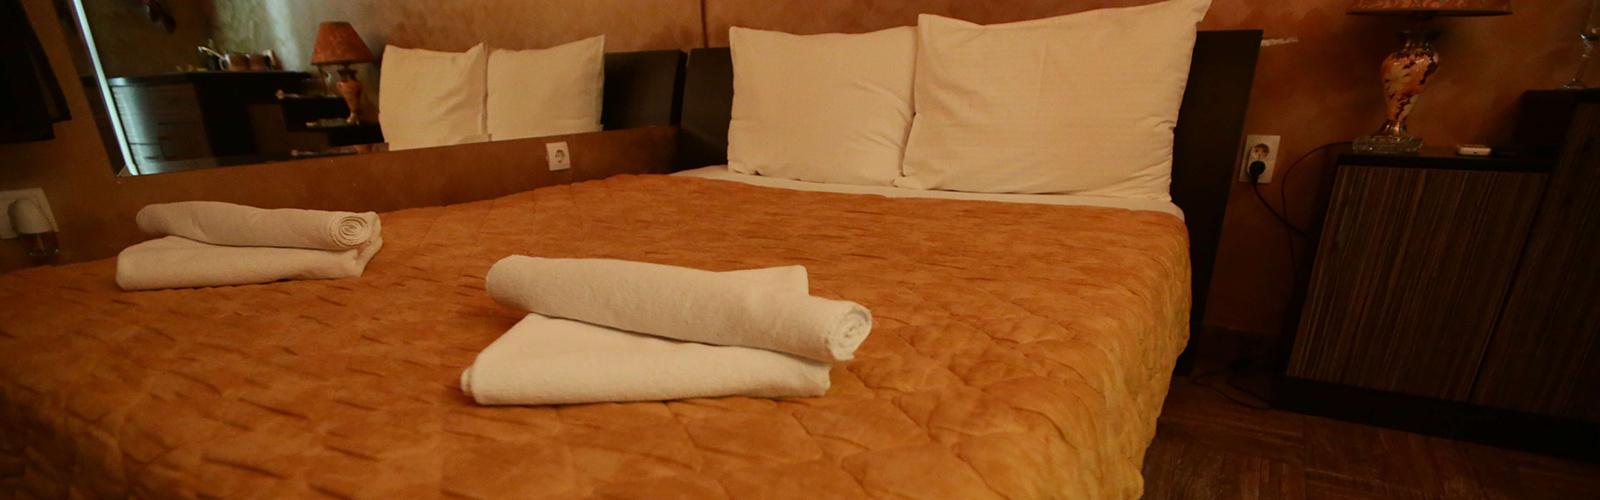 Concierge Belgrade | Apartman Delta Top 72